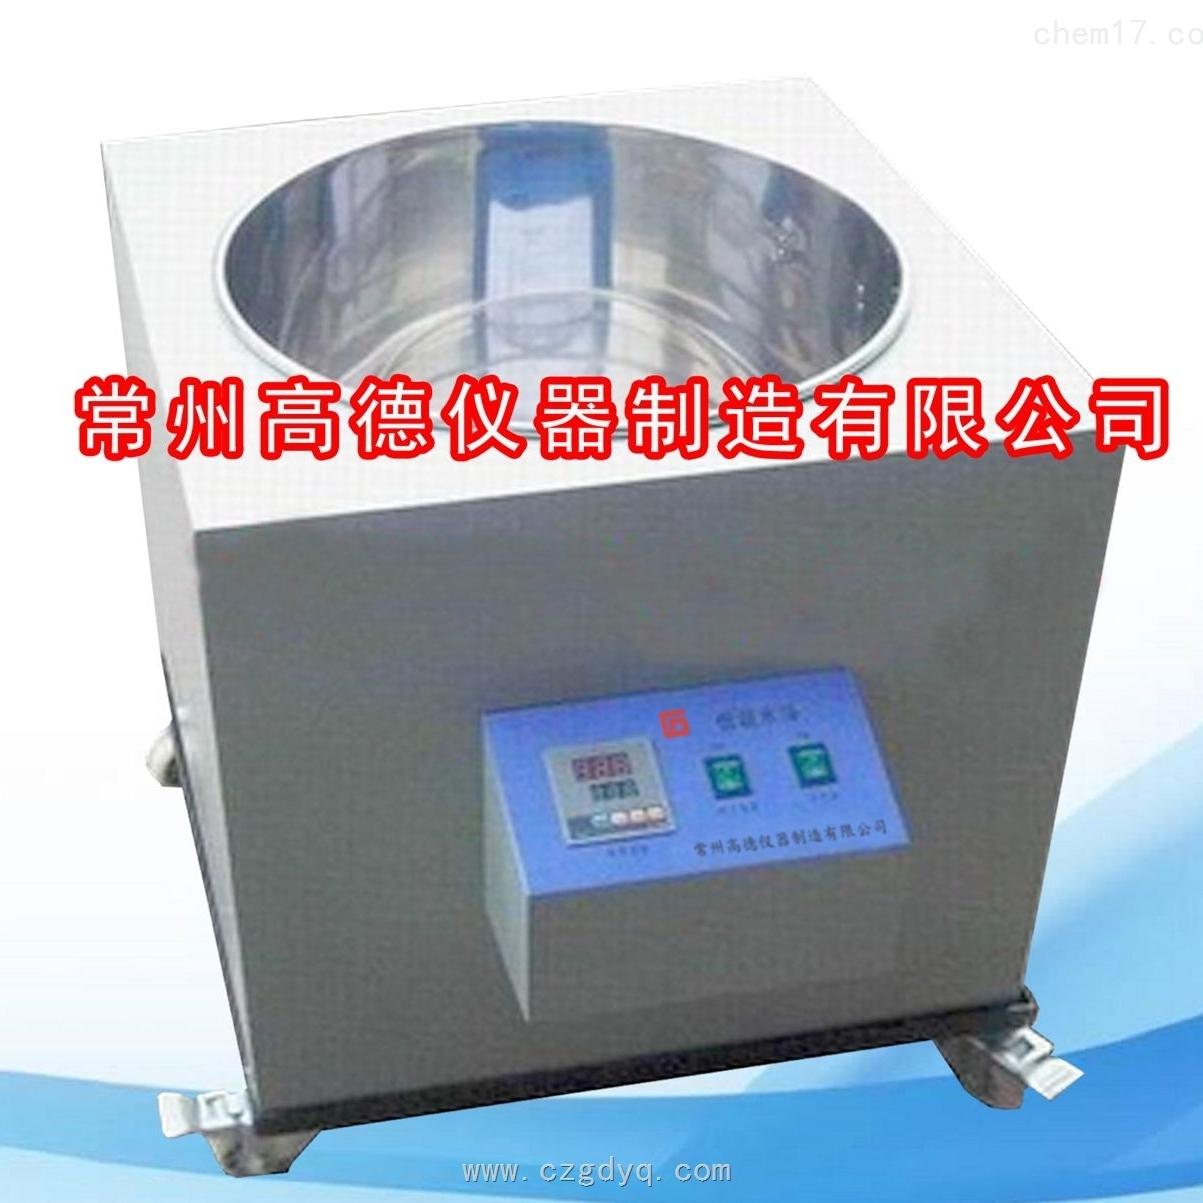 大容量水浴恒温磁力搅拌器